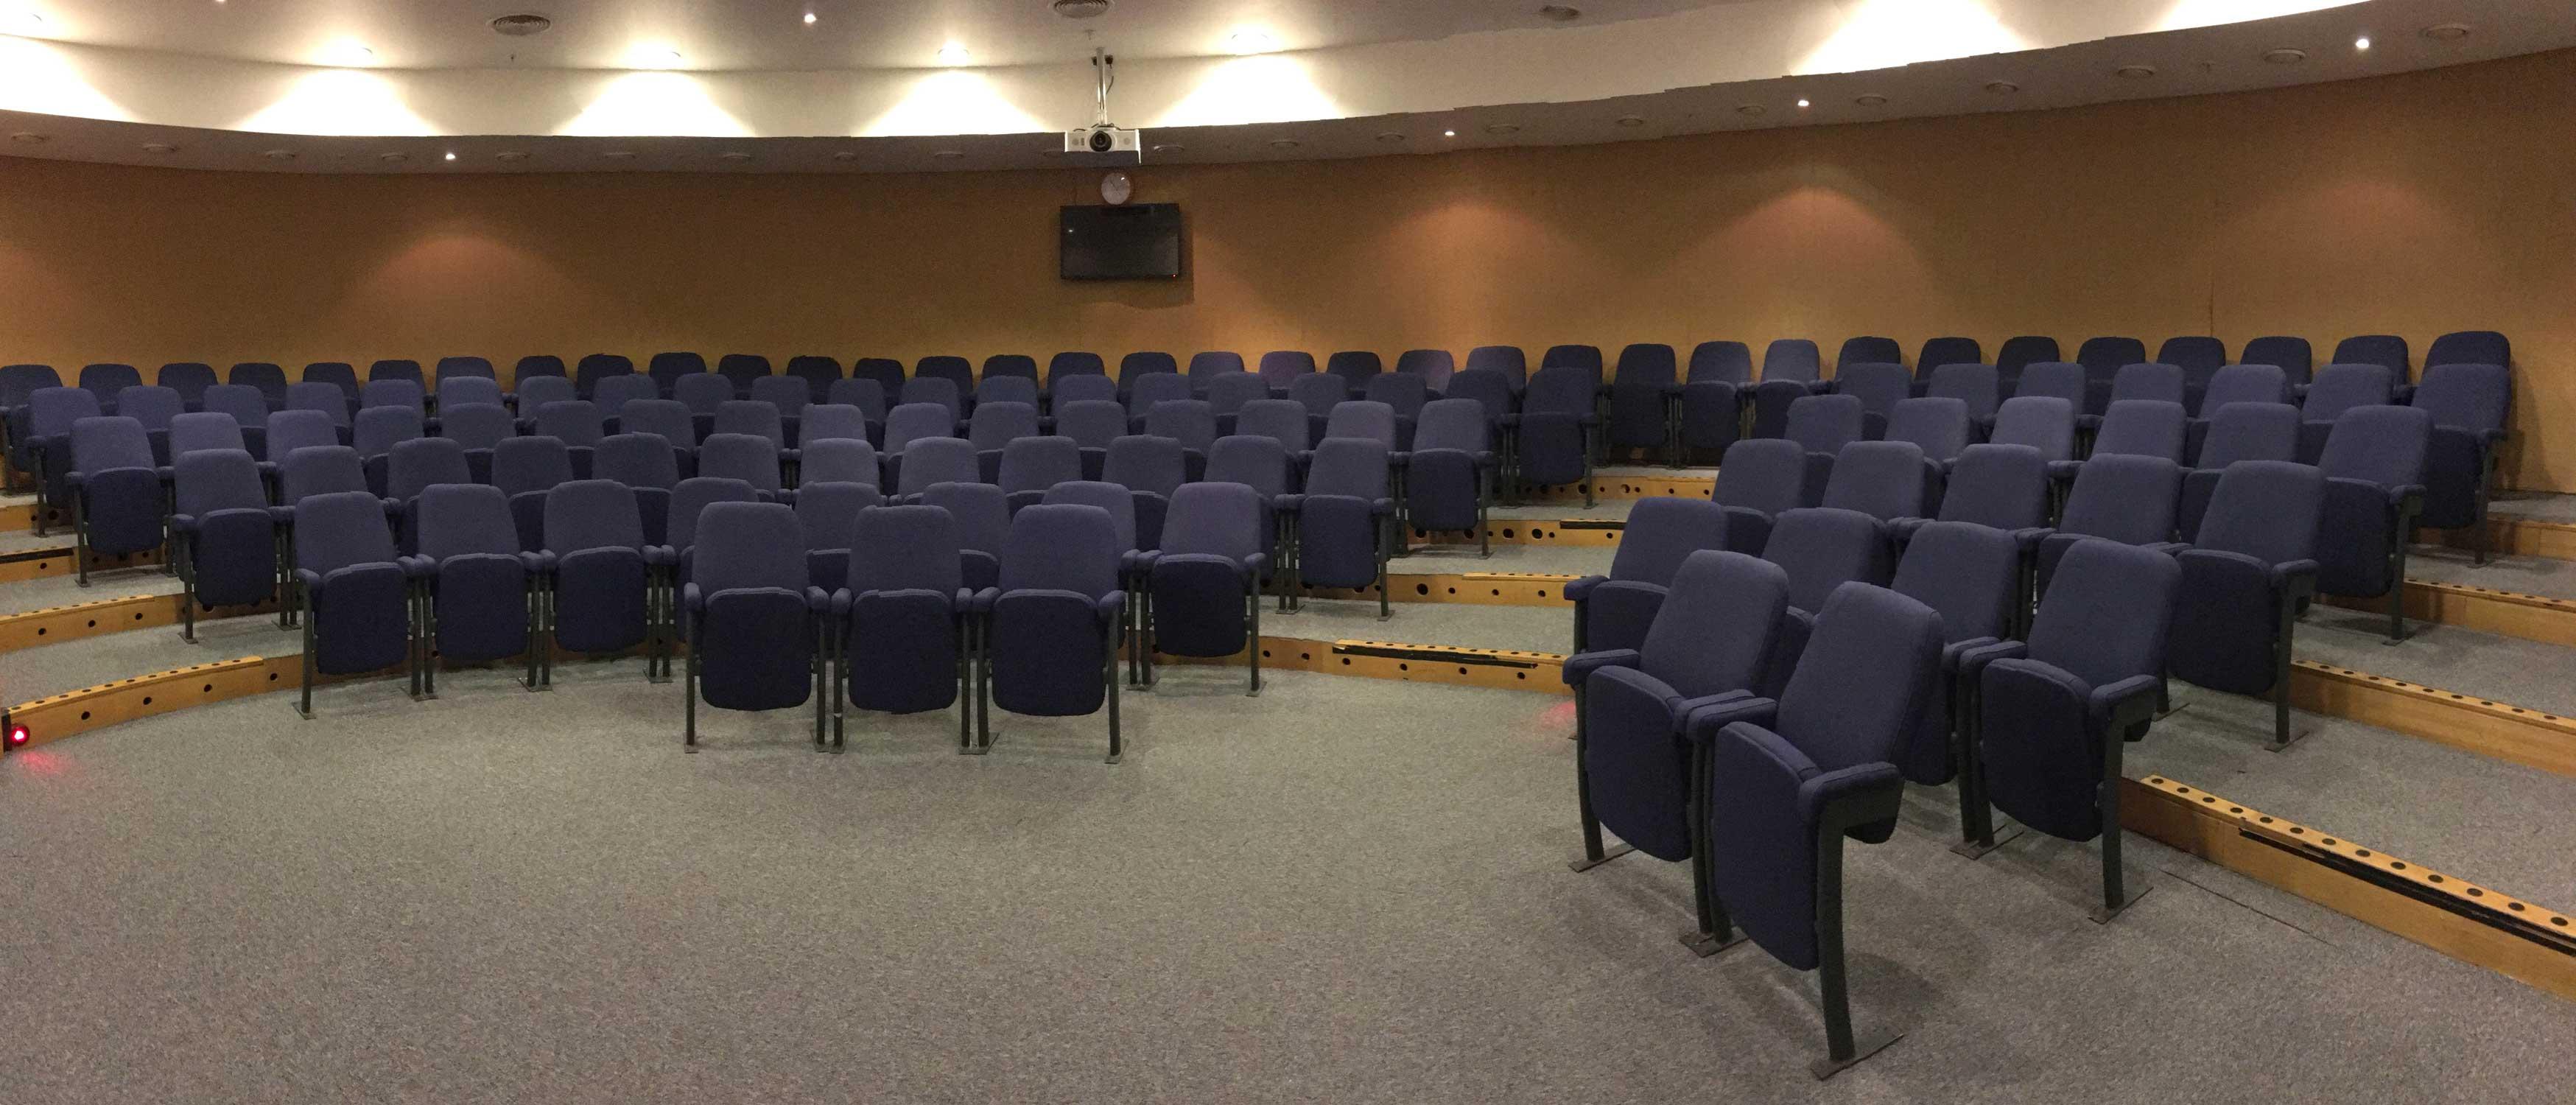 Auditorium-seating-Upholster-London